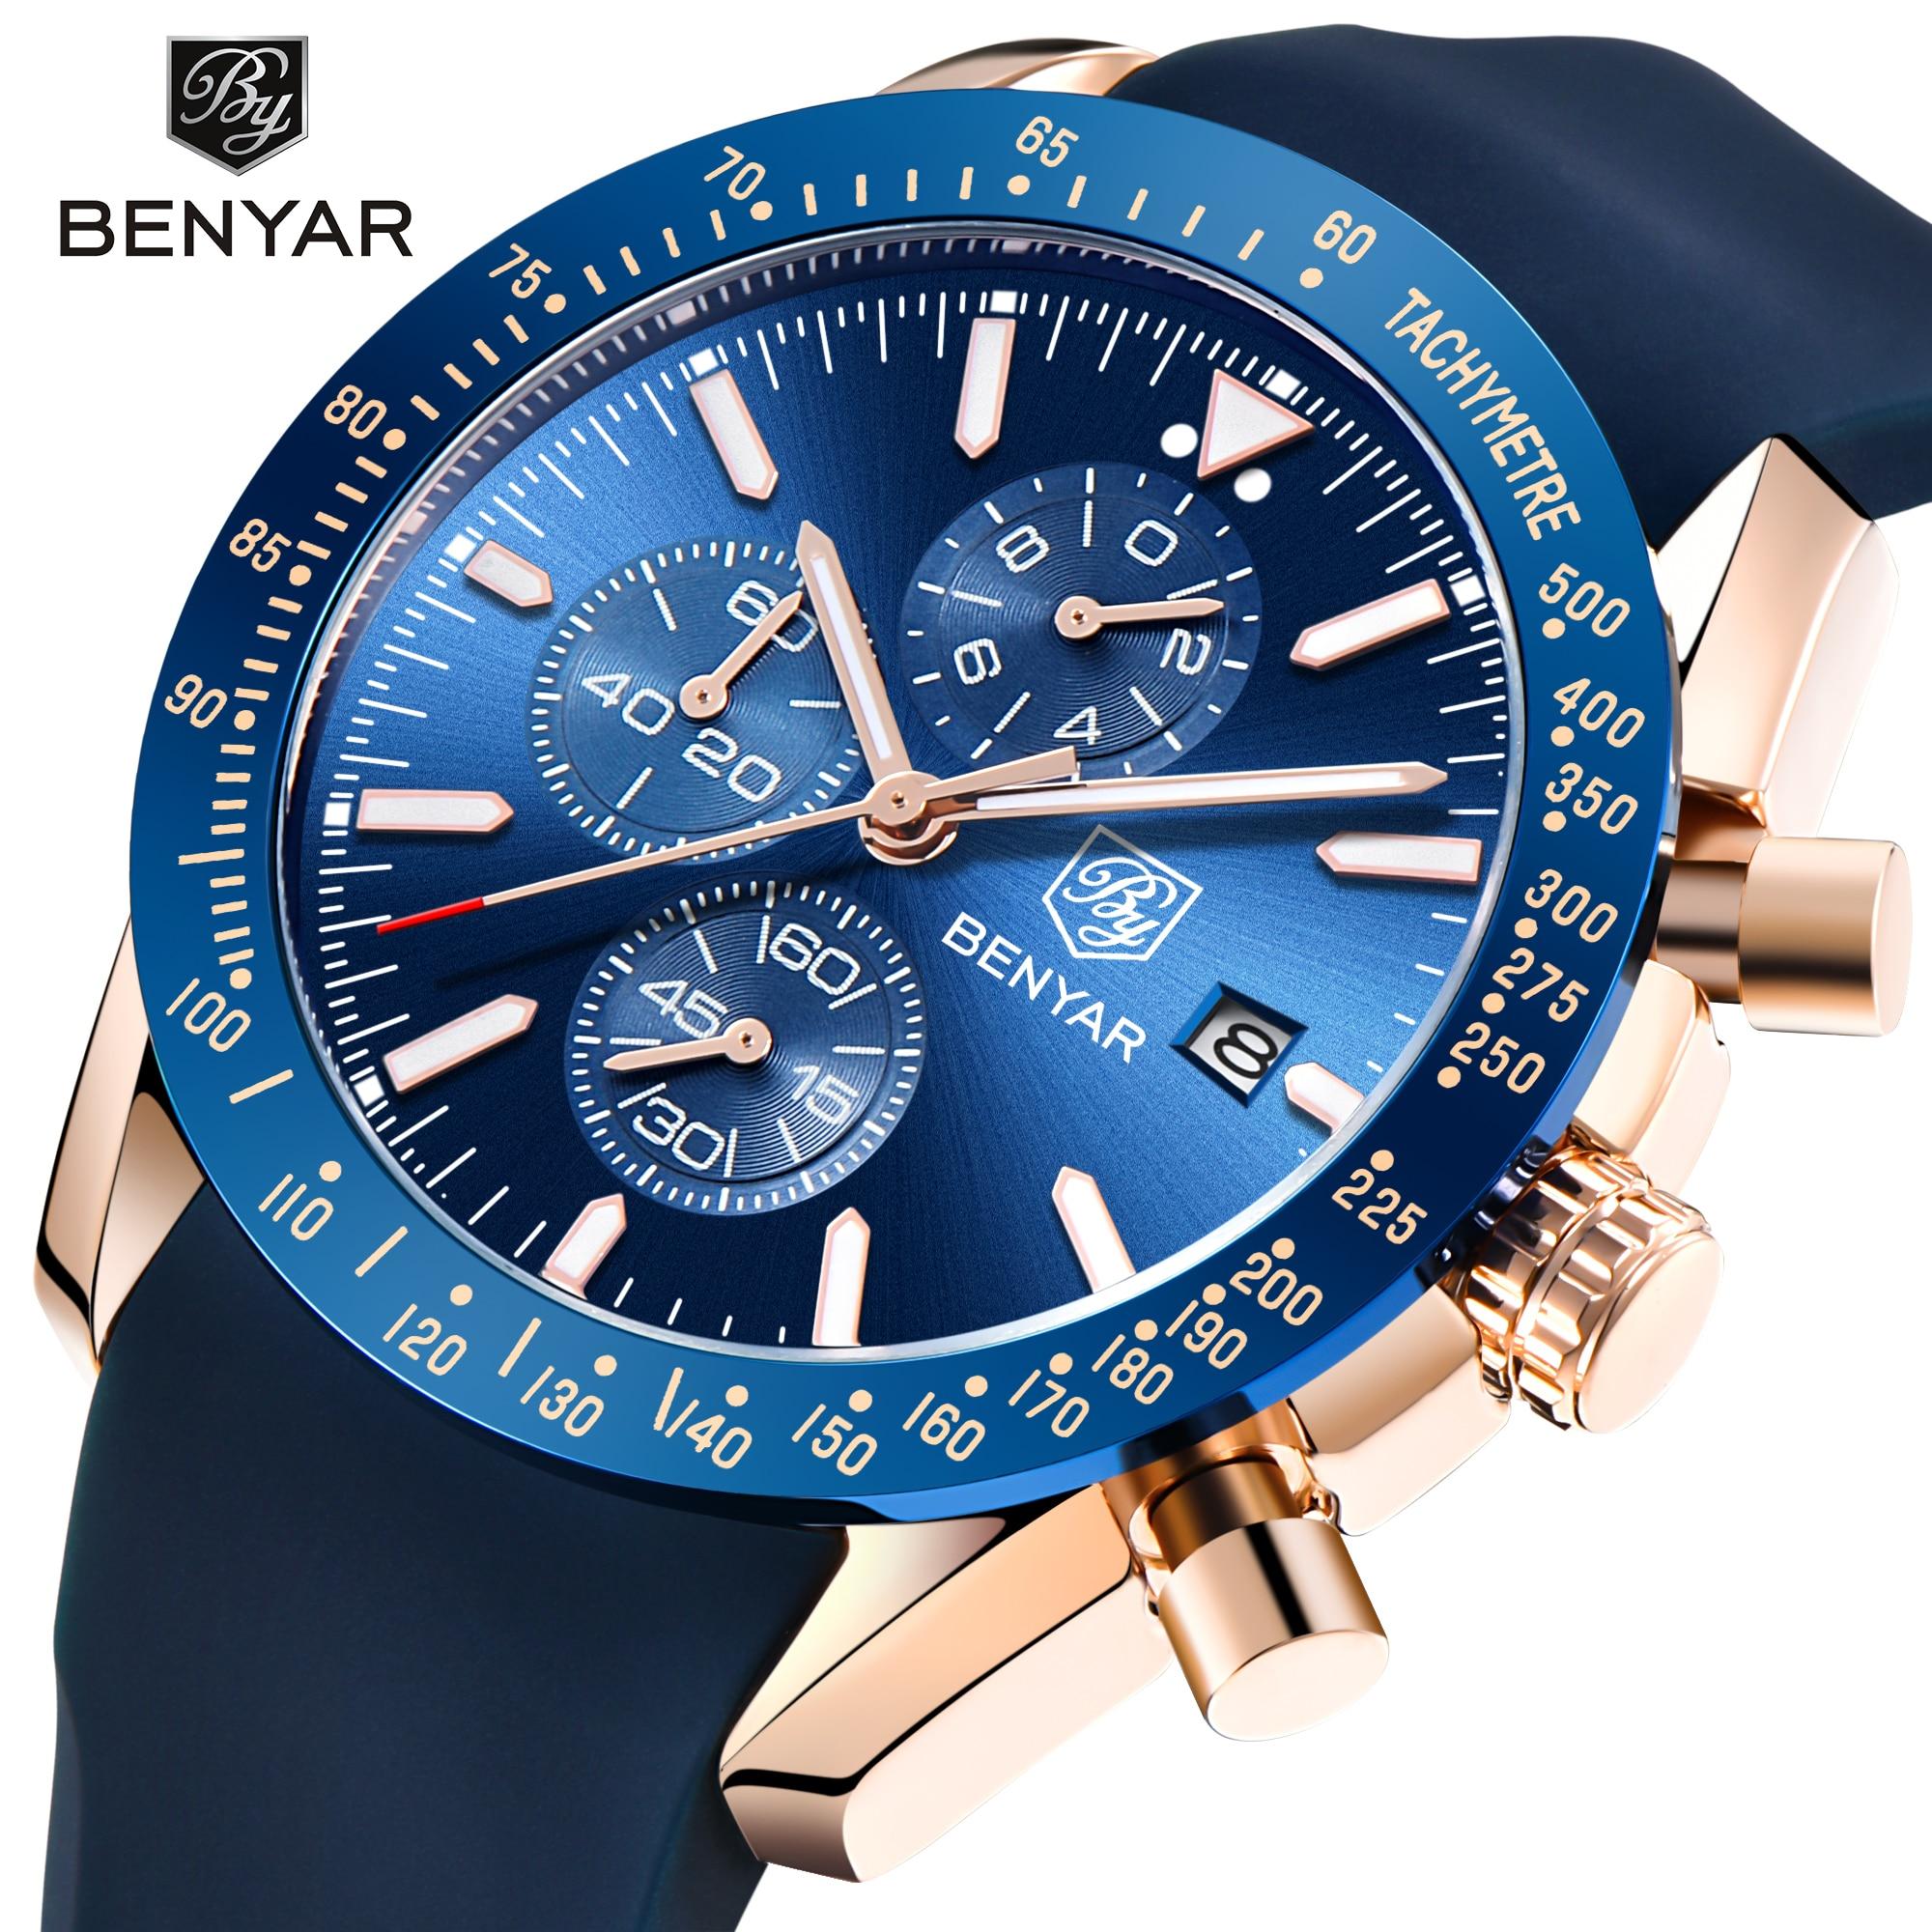 Мужские водонепроницаемые кварцевые часы с хронографом, на силиконовом ремешке